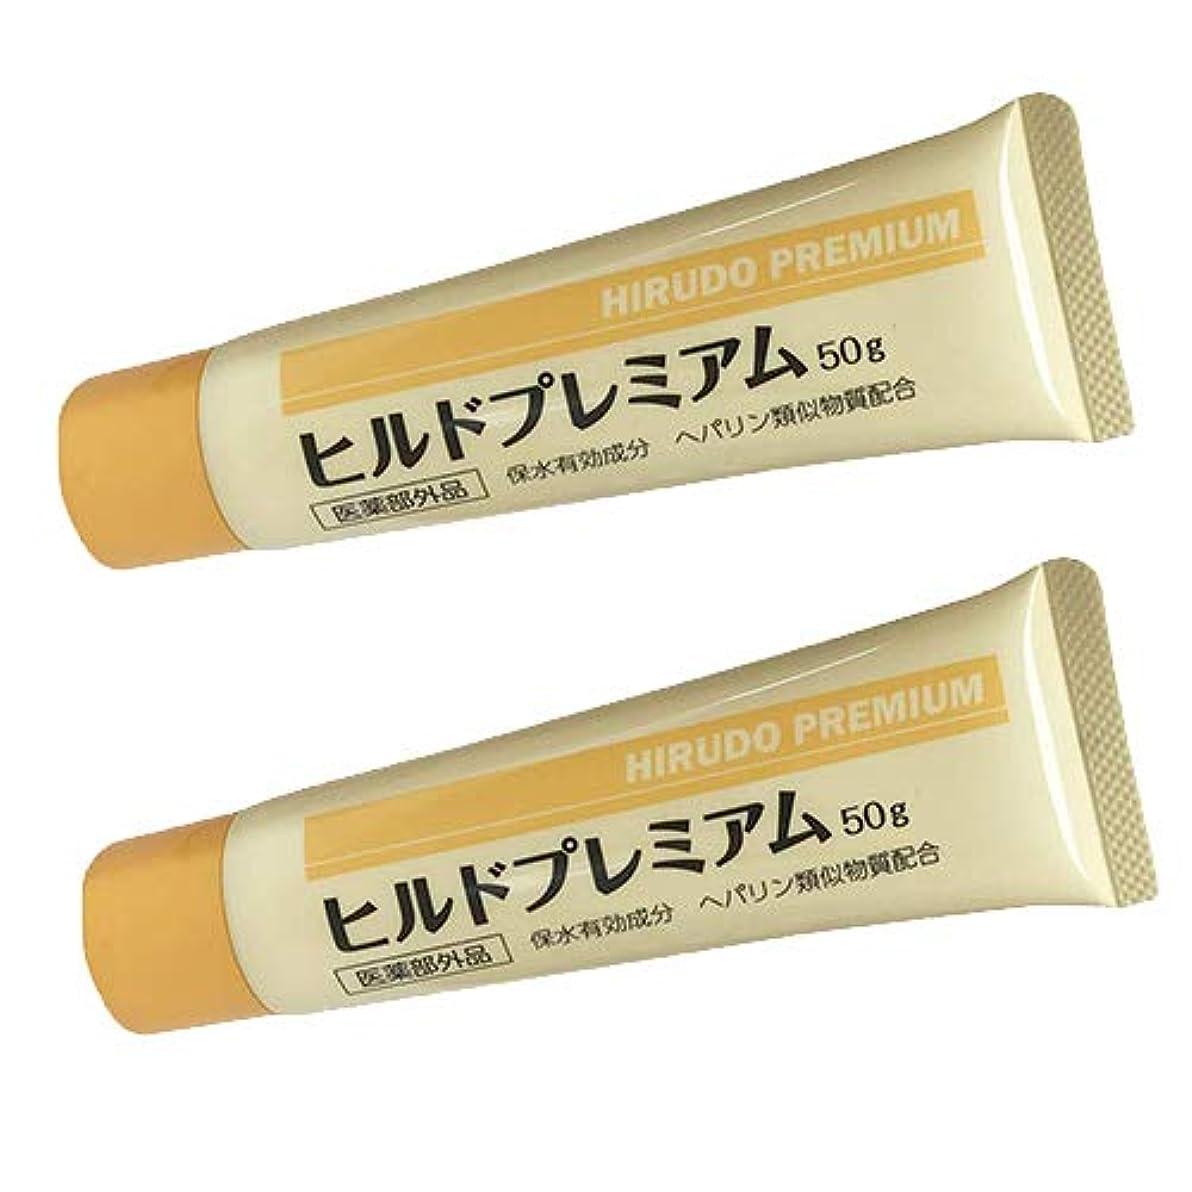 犯罪登場賞賛ヒルドプレミアム50g ヘパリン類似物質 薬用クリーム×2個セット 医薬部外品